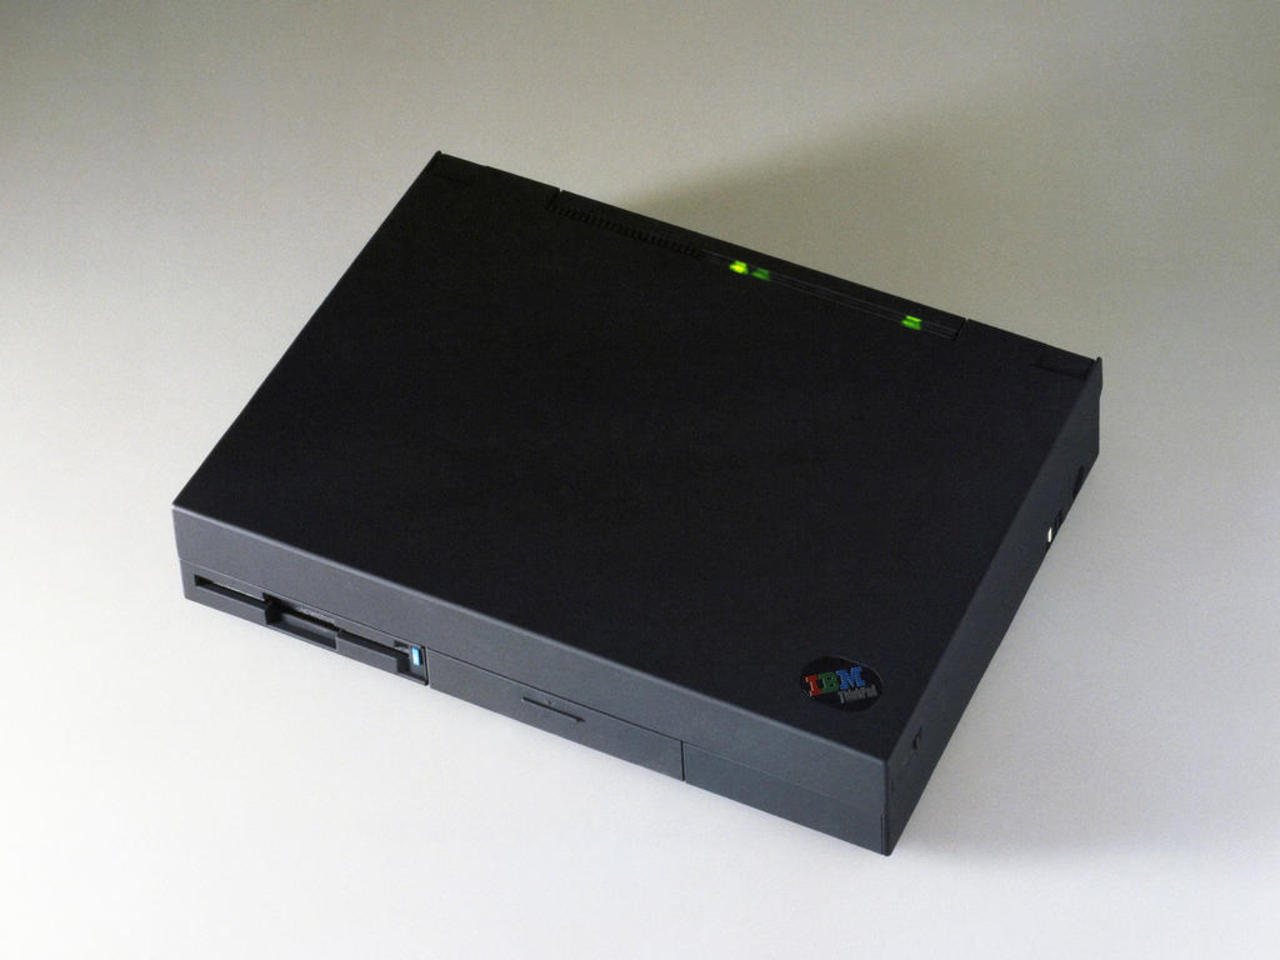 технологии второй половины 20 века: IBM Thinkpad 700C